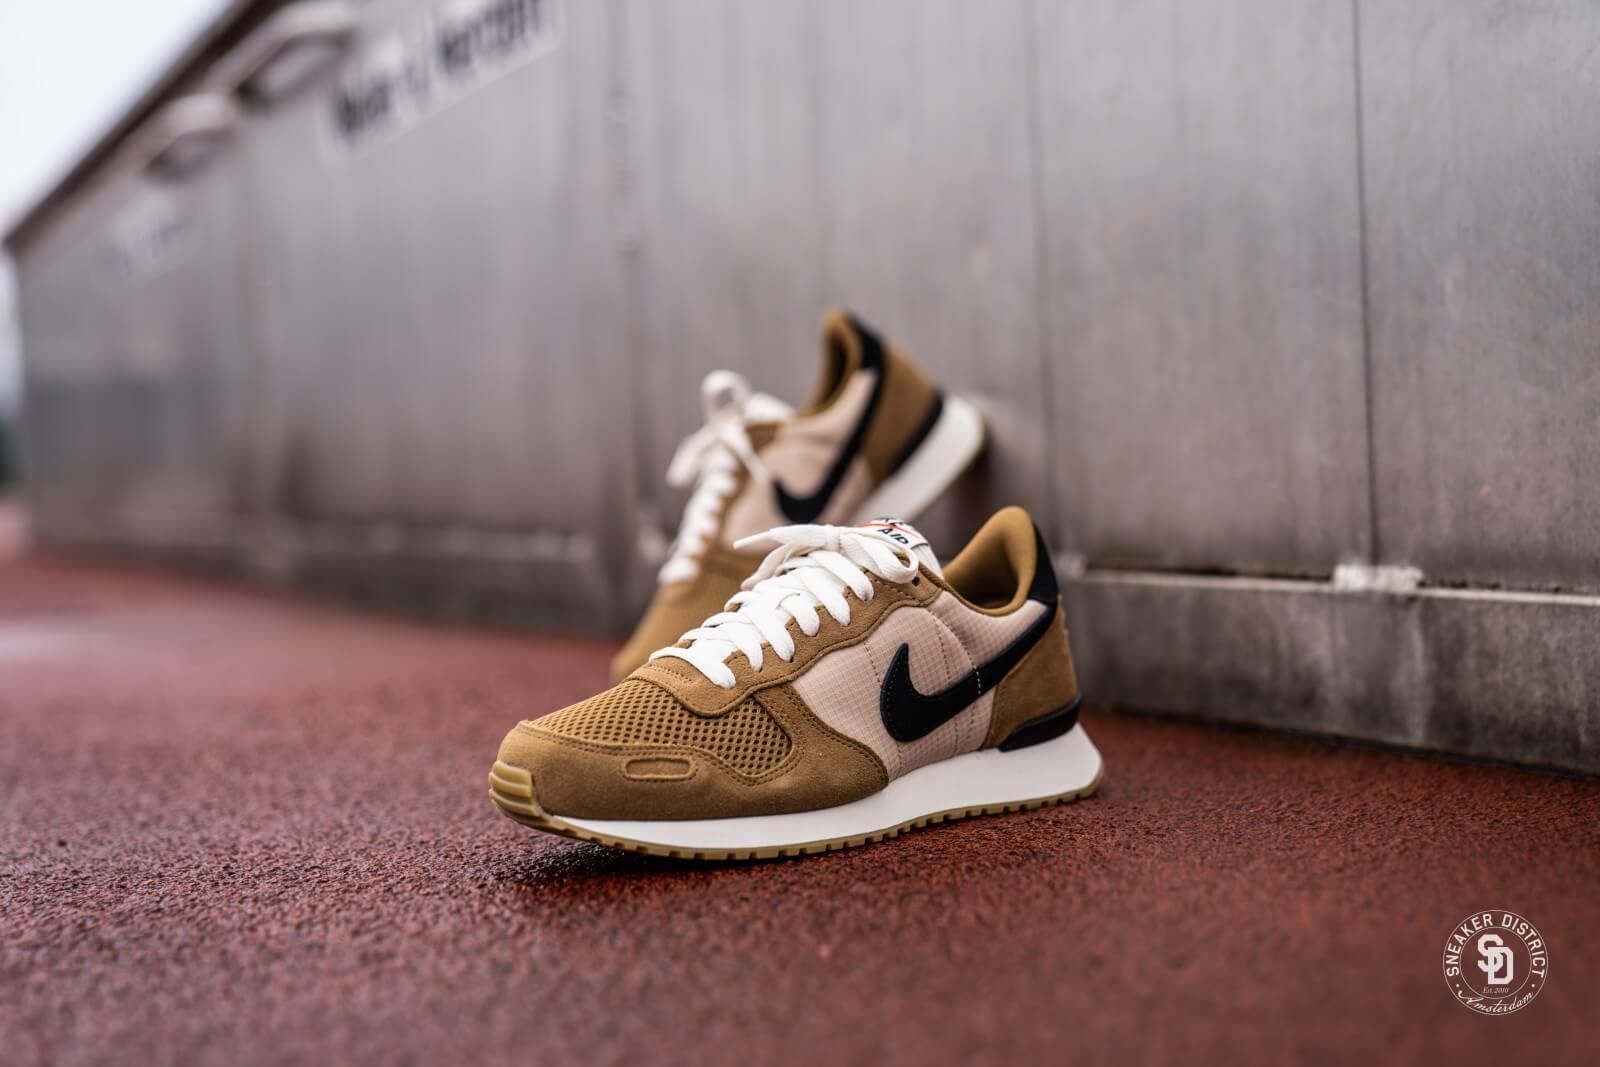 Ritual Conclusión Debería  Nike Air Vortex Golden Beige/Black-Desert Ore - 903896-202